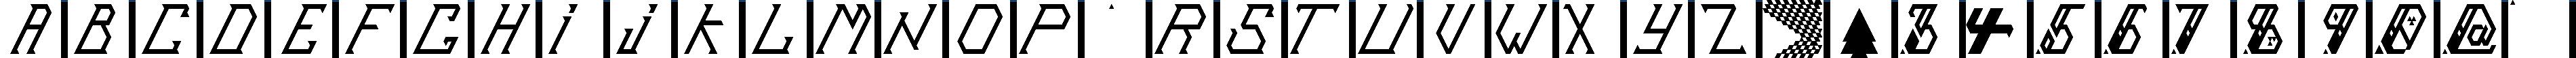 Particip-a-type v.313